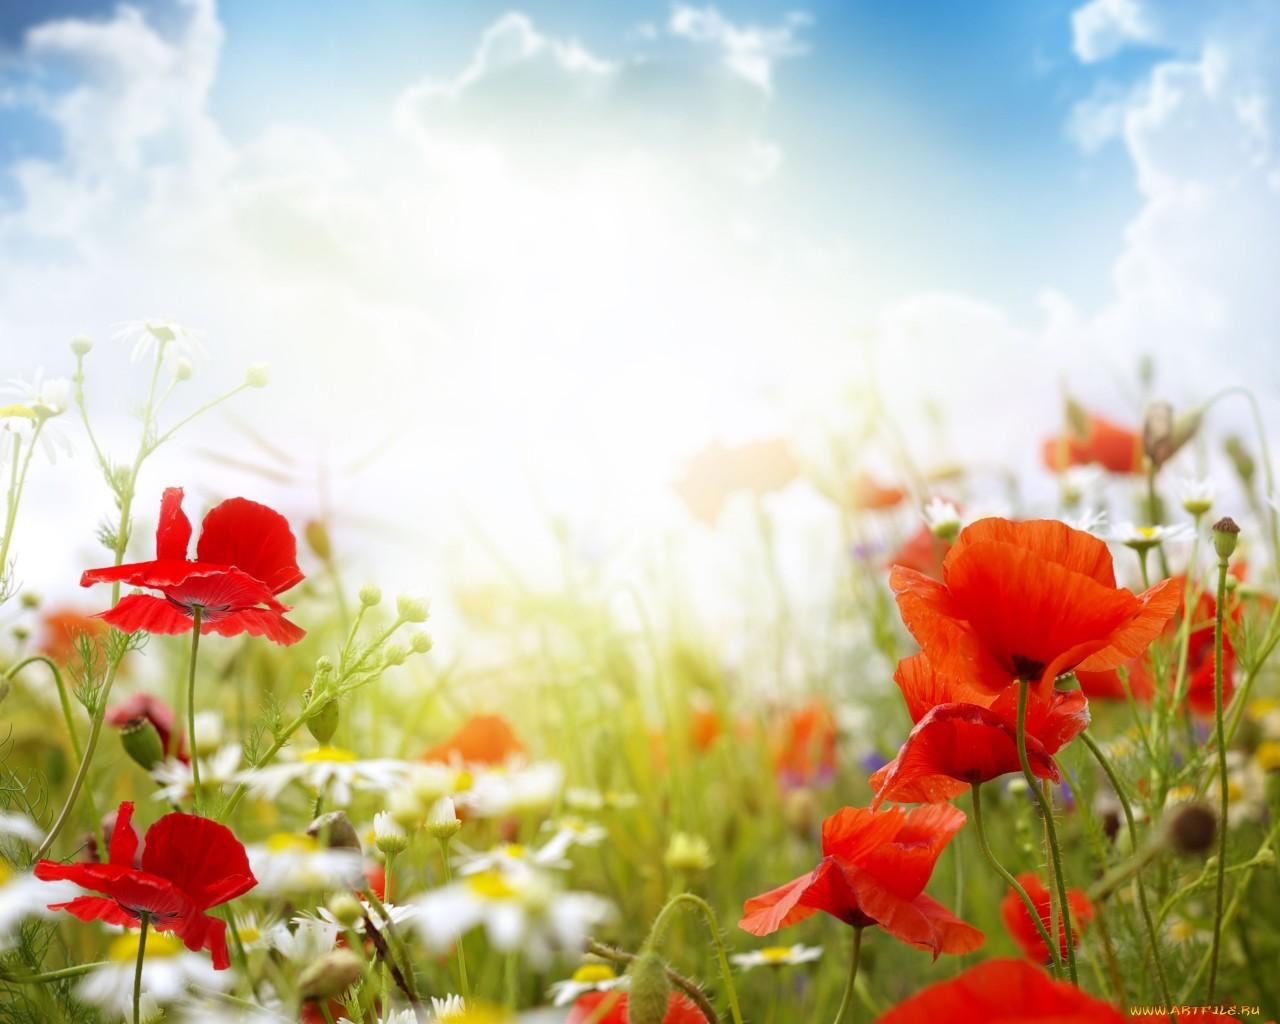 Скачать картинку Маки, Солнце, Облака, Растения, Цветы в телефон бесплатно.